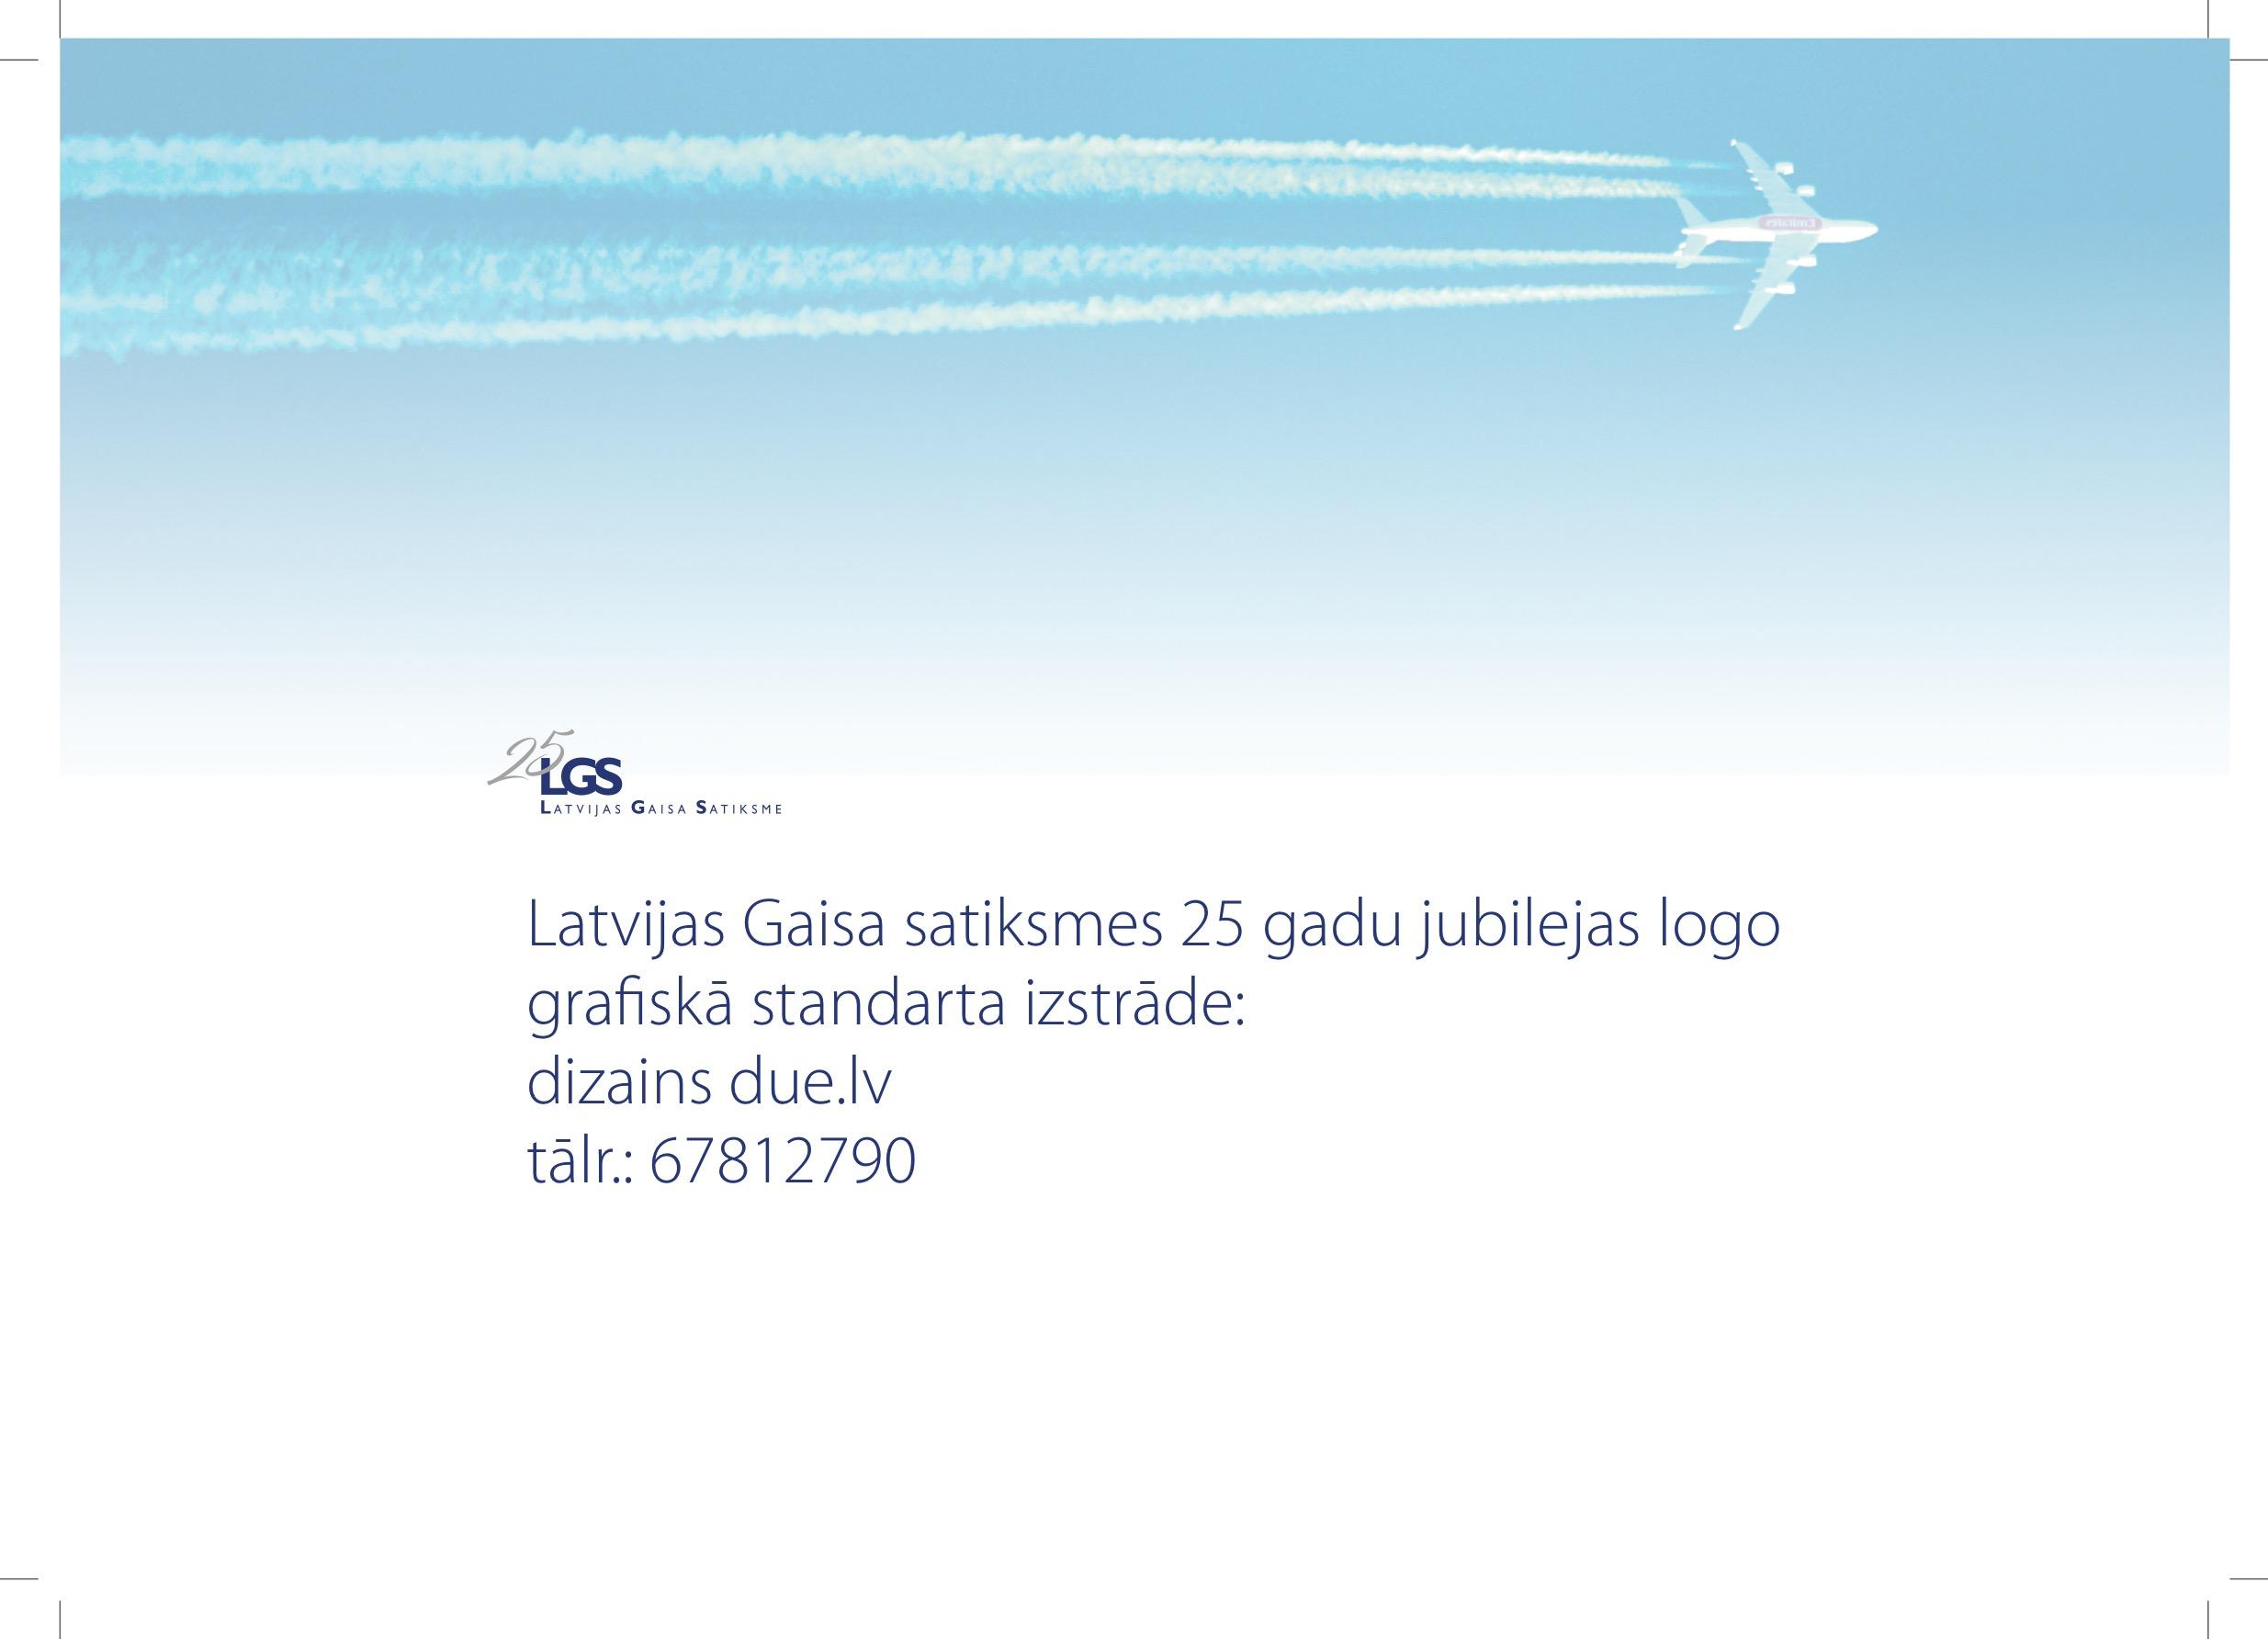 LGS 25 gadi logo A4 Drukai 8